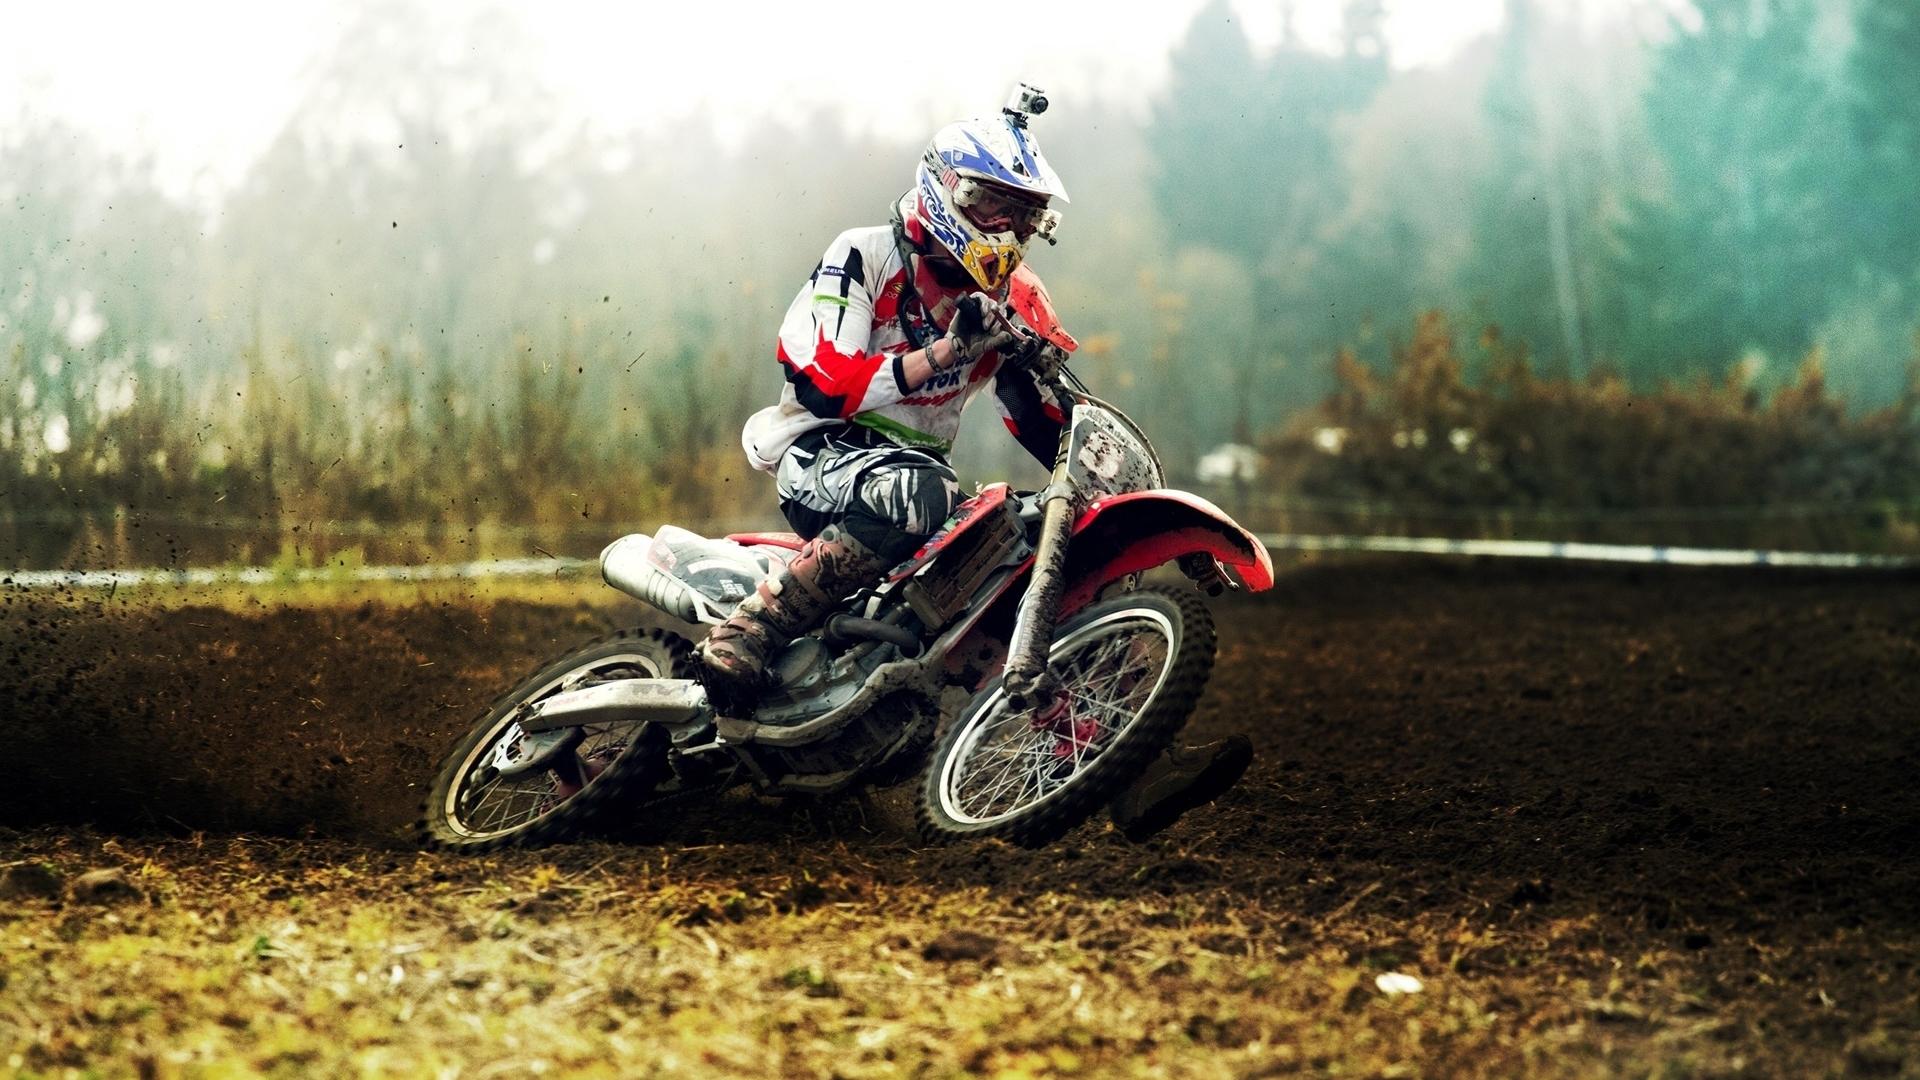 Imagen Gratuita De Moto En Carrera De Motocross, En HD